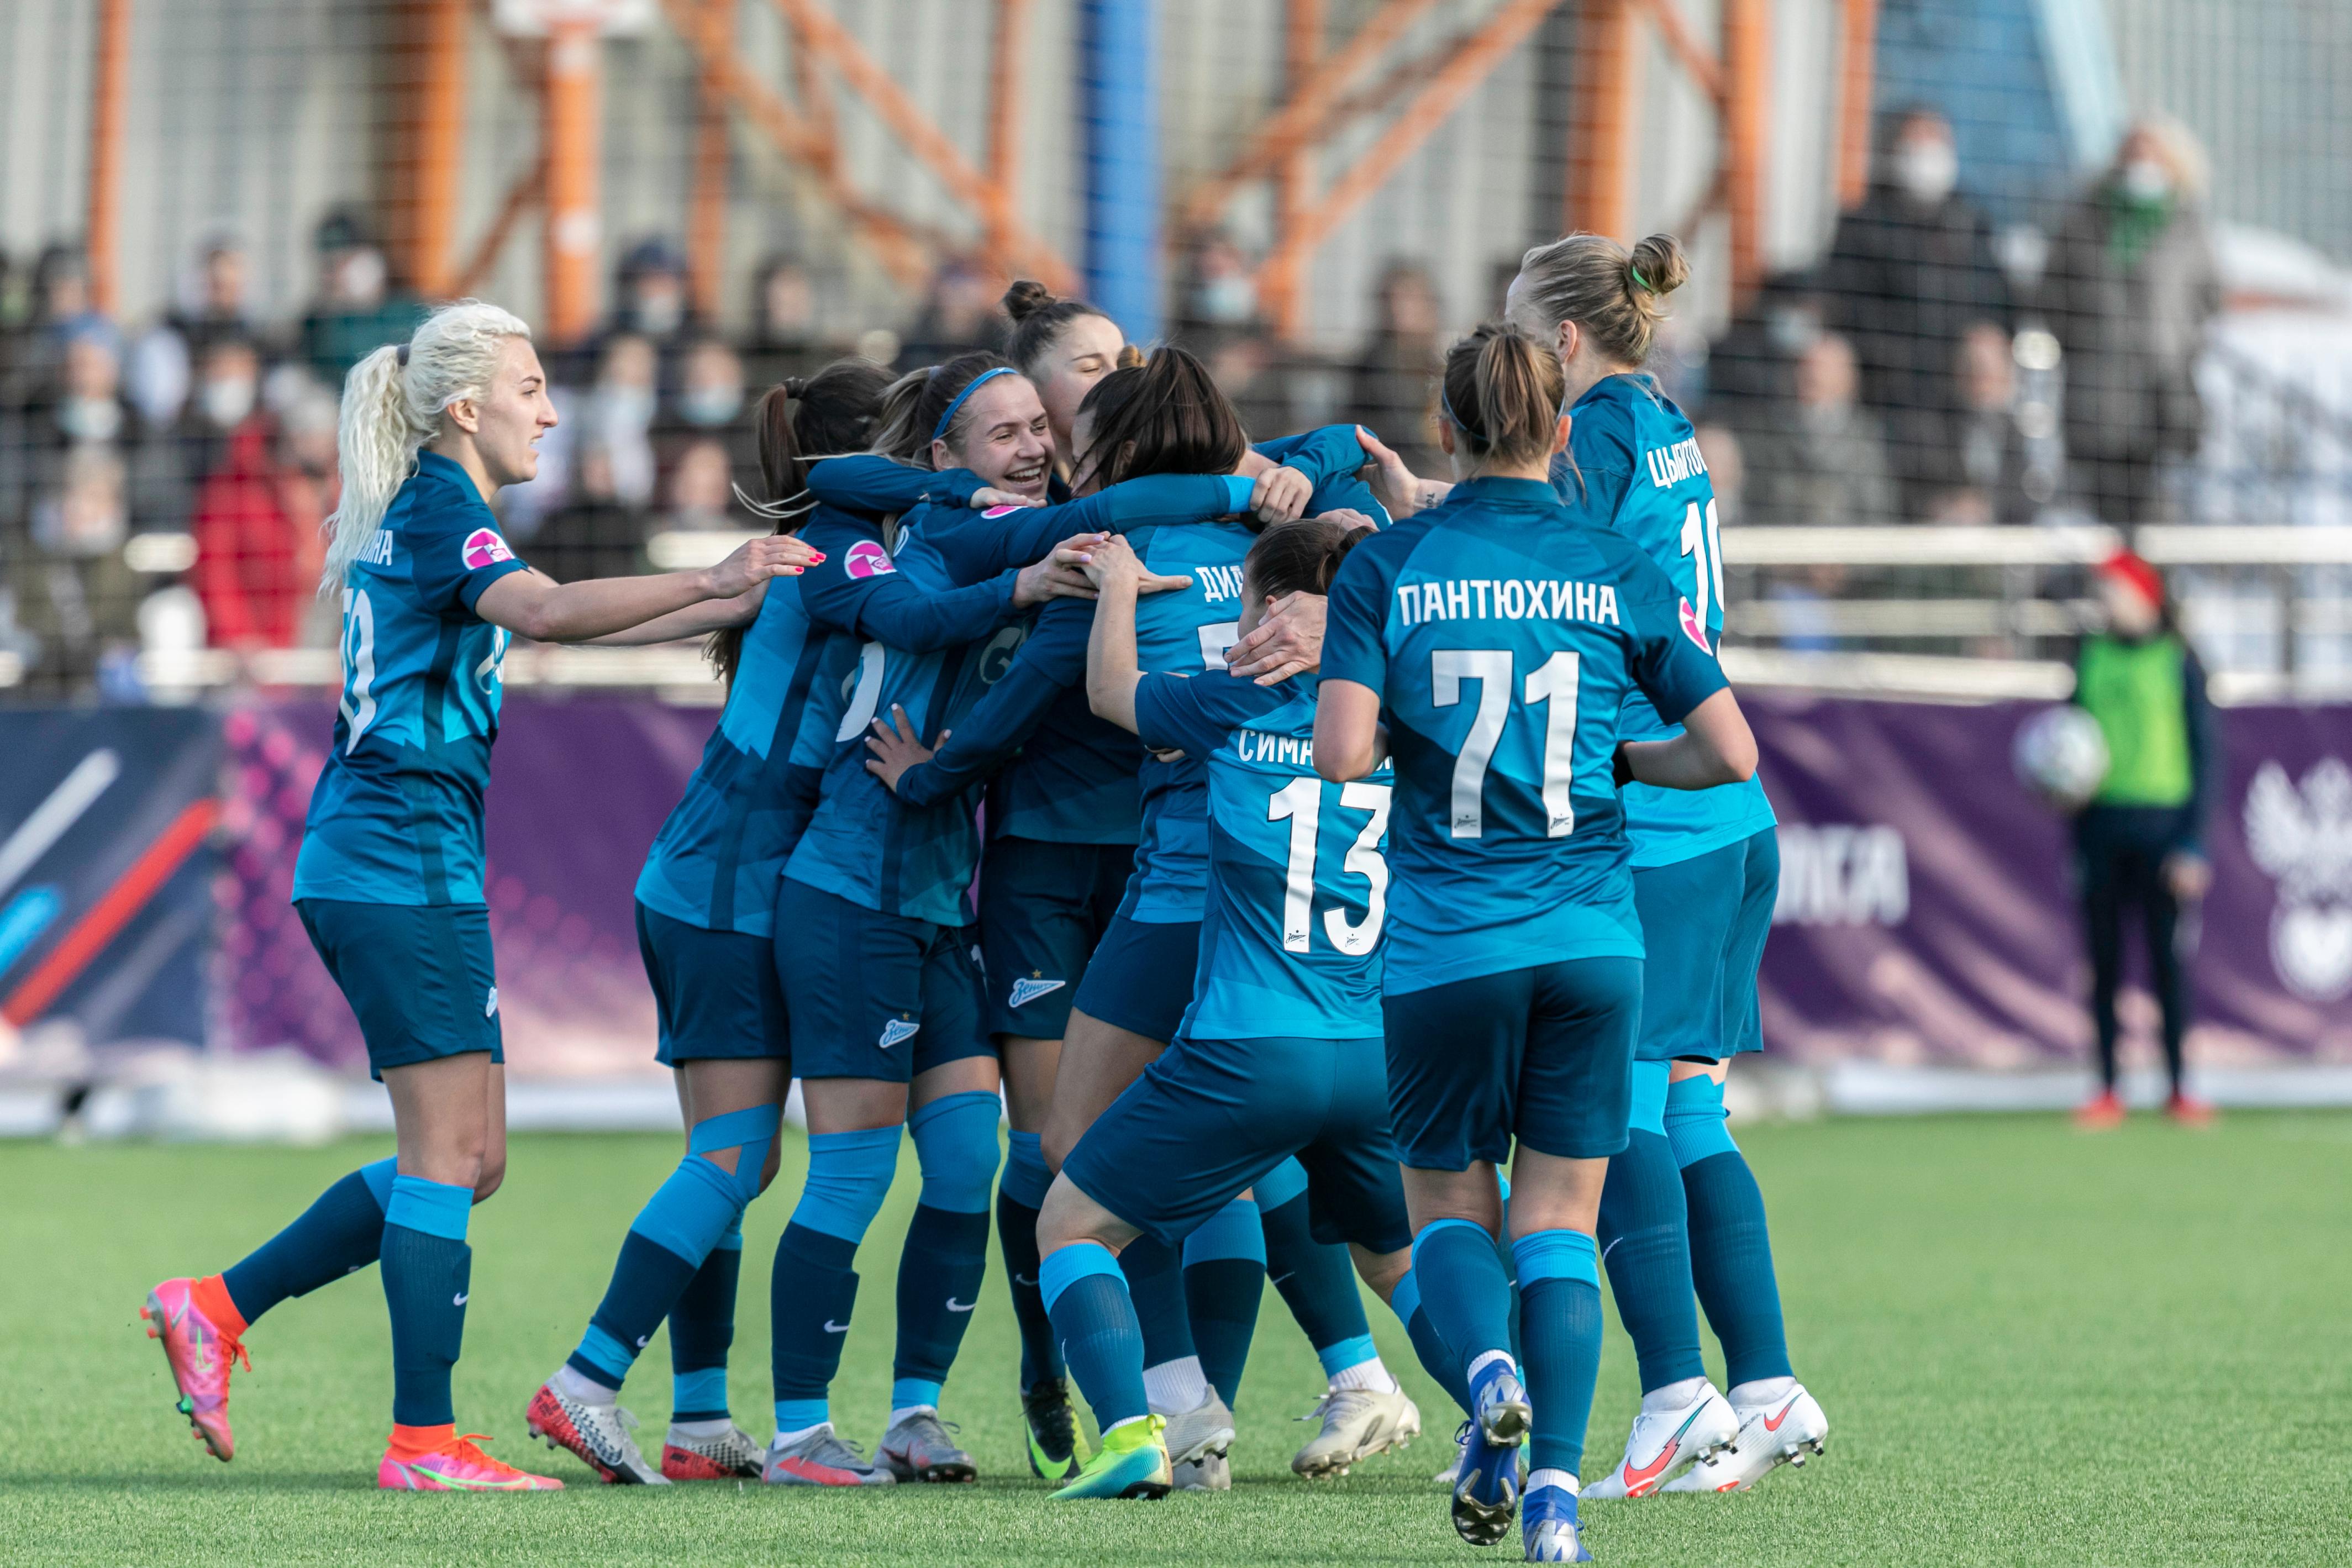 Женская команда «Зенит»: серия побед на старте Суперлиги, сборницы и молодежная команда